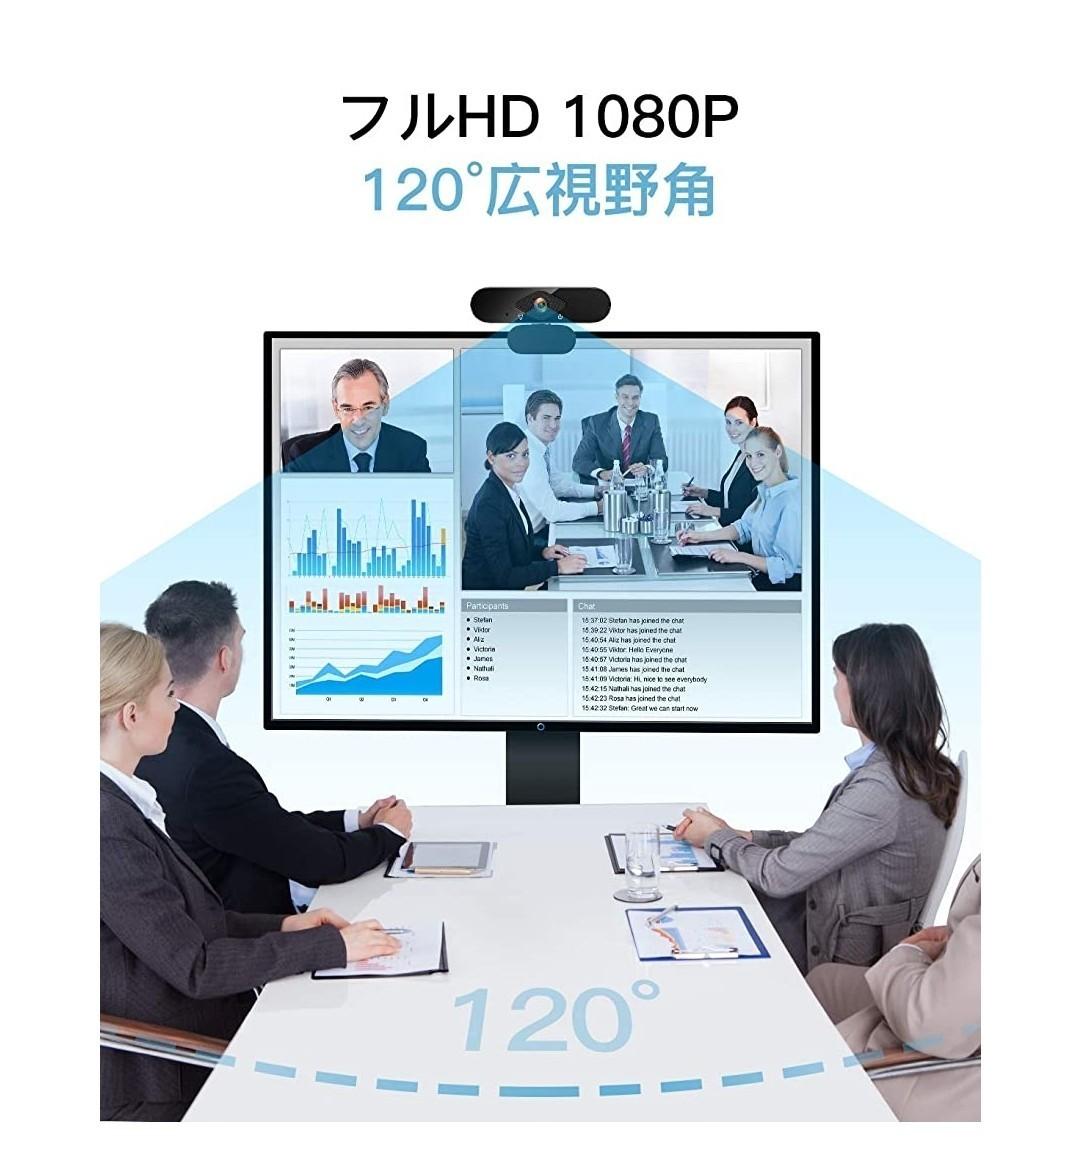 ウェブカメラ Webカメラ フルHD1080P 200万画素 超広120°画角